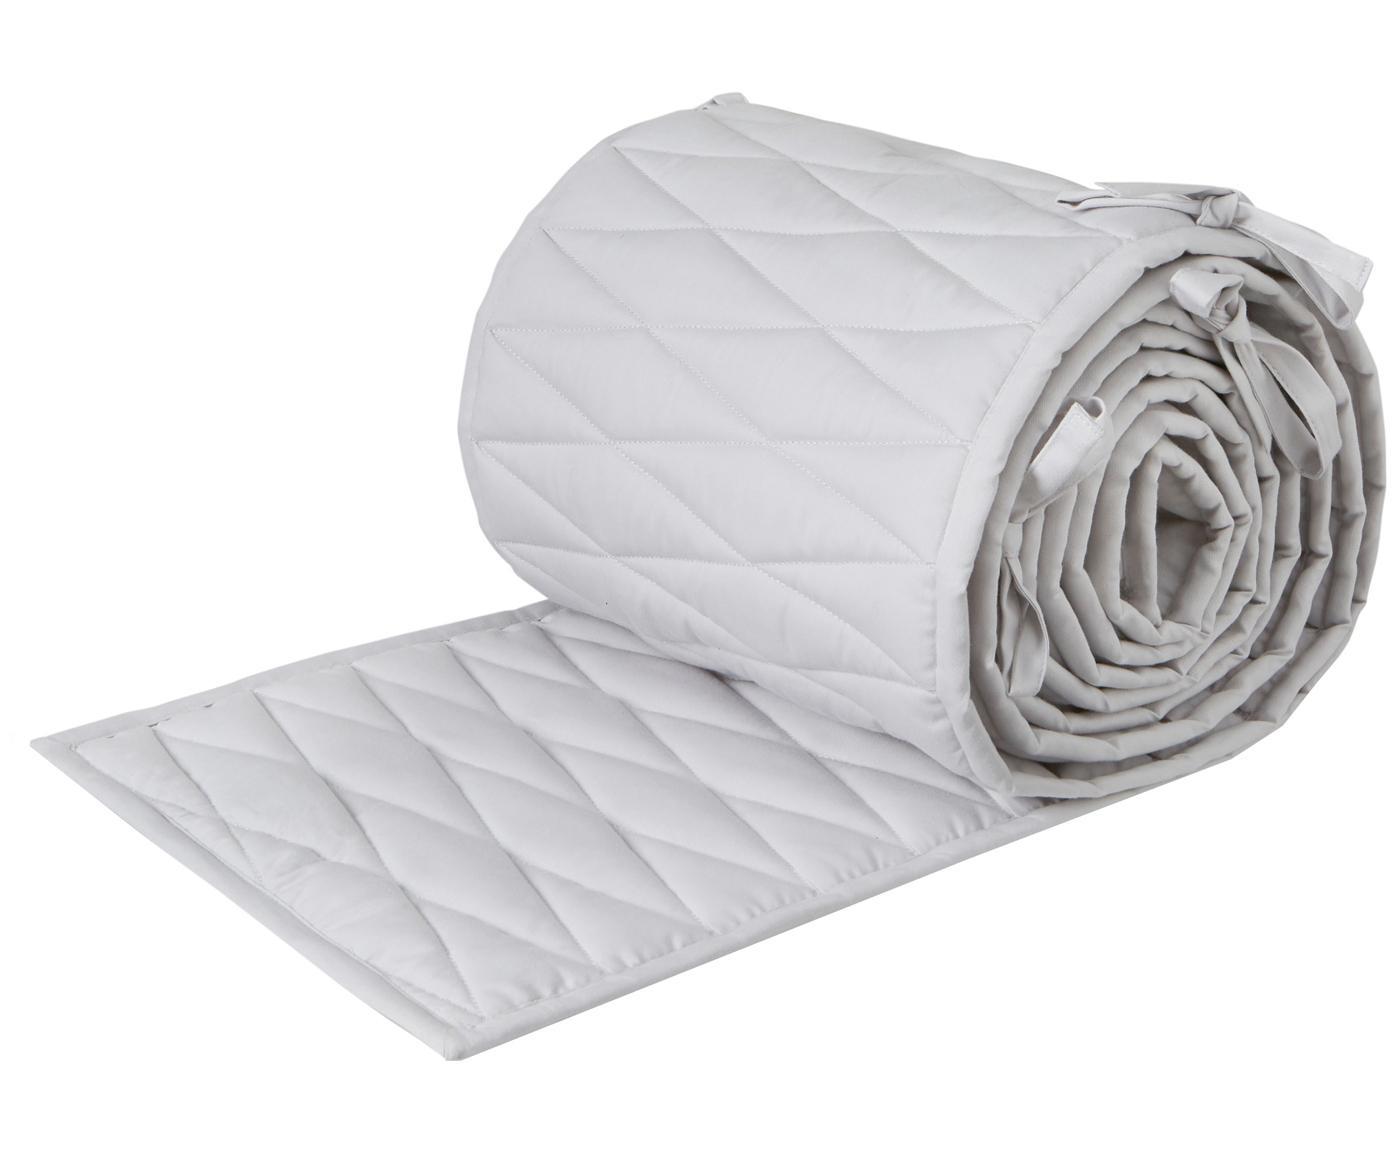 Bettnestchen Safe aus Bio-Baumwolle, Bezug: Bio-Baumwolle, Hellgrau, 30 x 365 cm